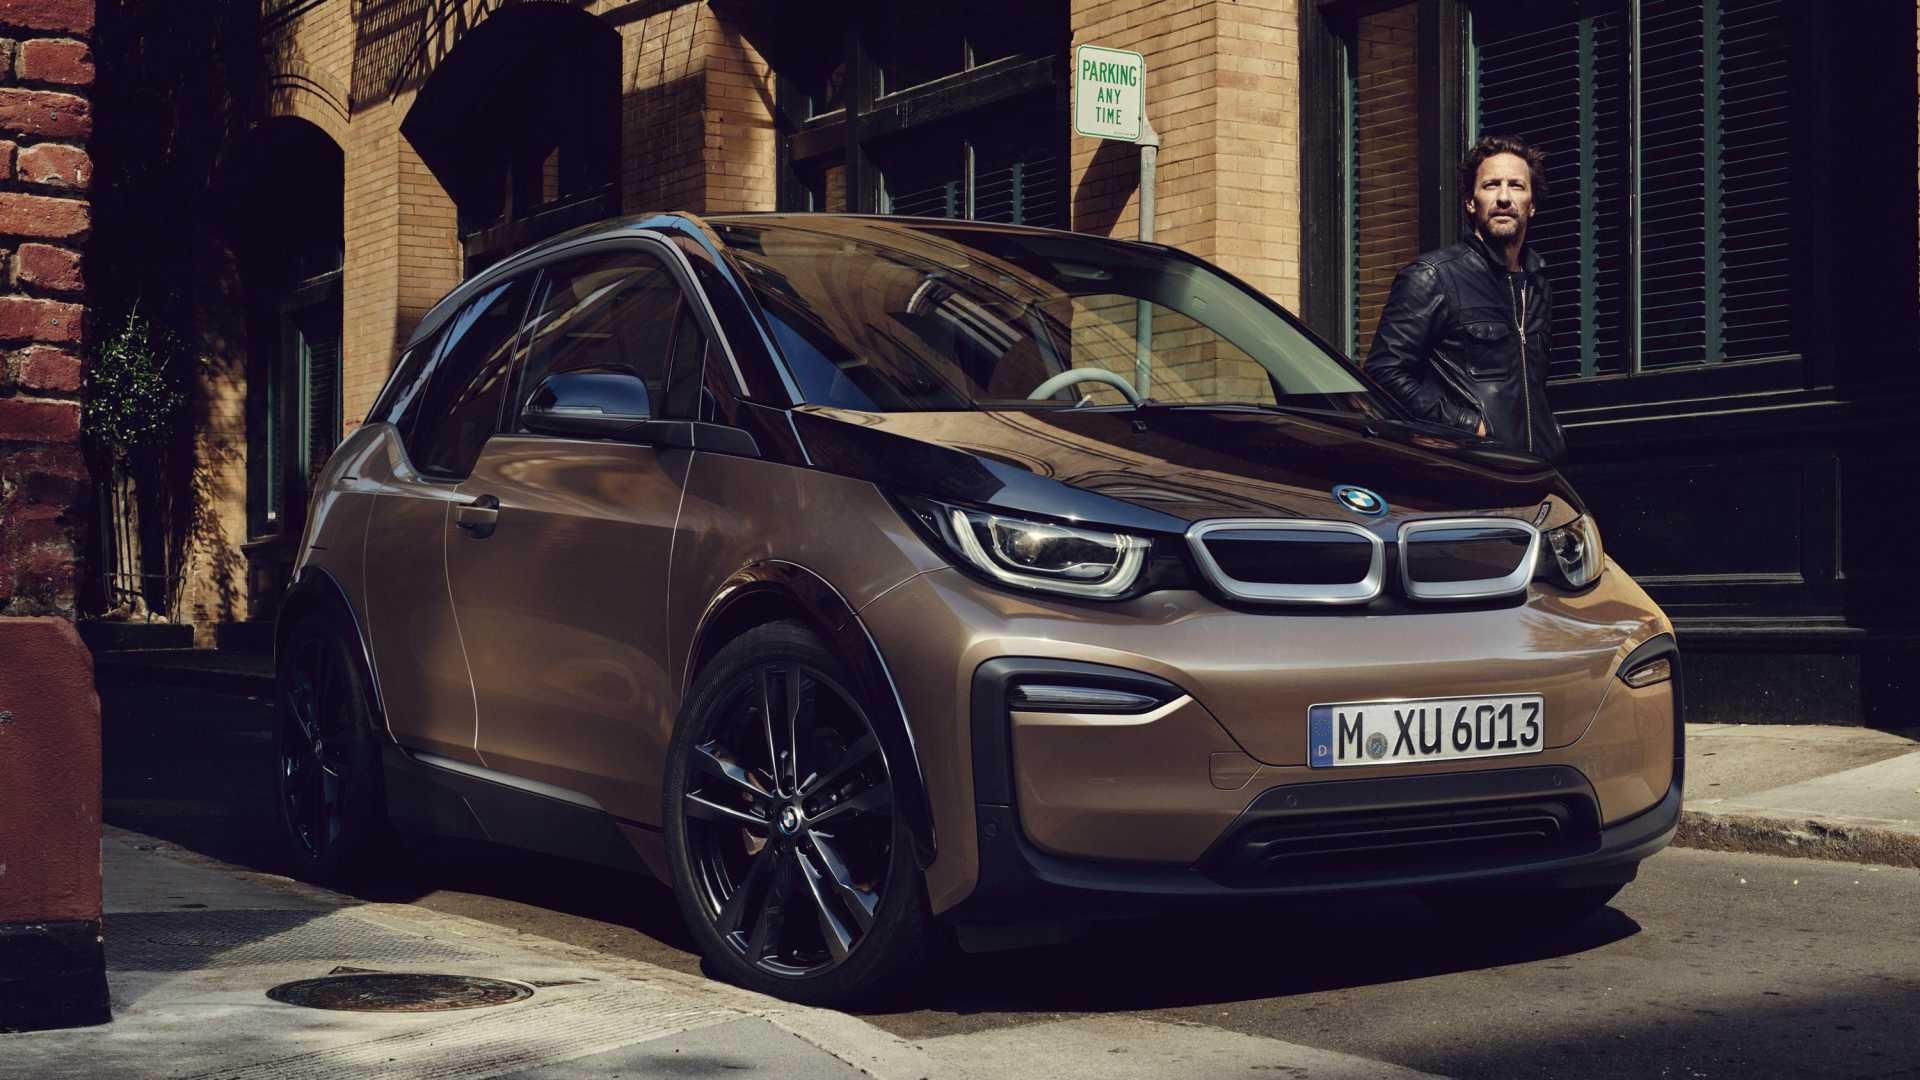 2019+BMW+i3,+y%C3%BCzde+30+daha+b%C3%BCy%C3%BCk+bir+batarya+ile+geliyor